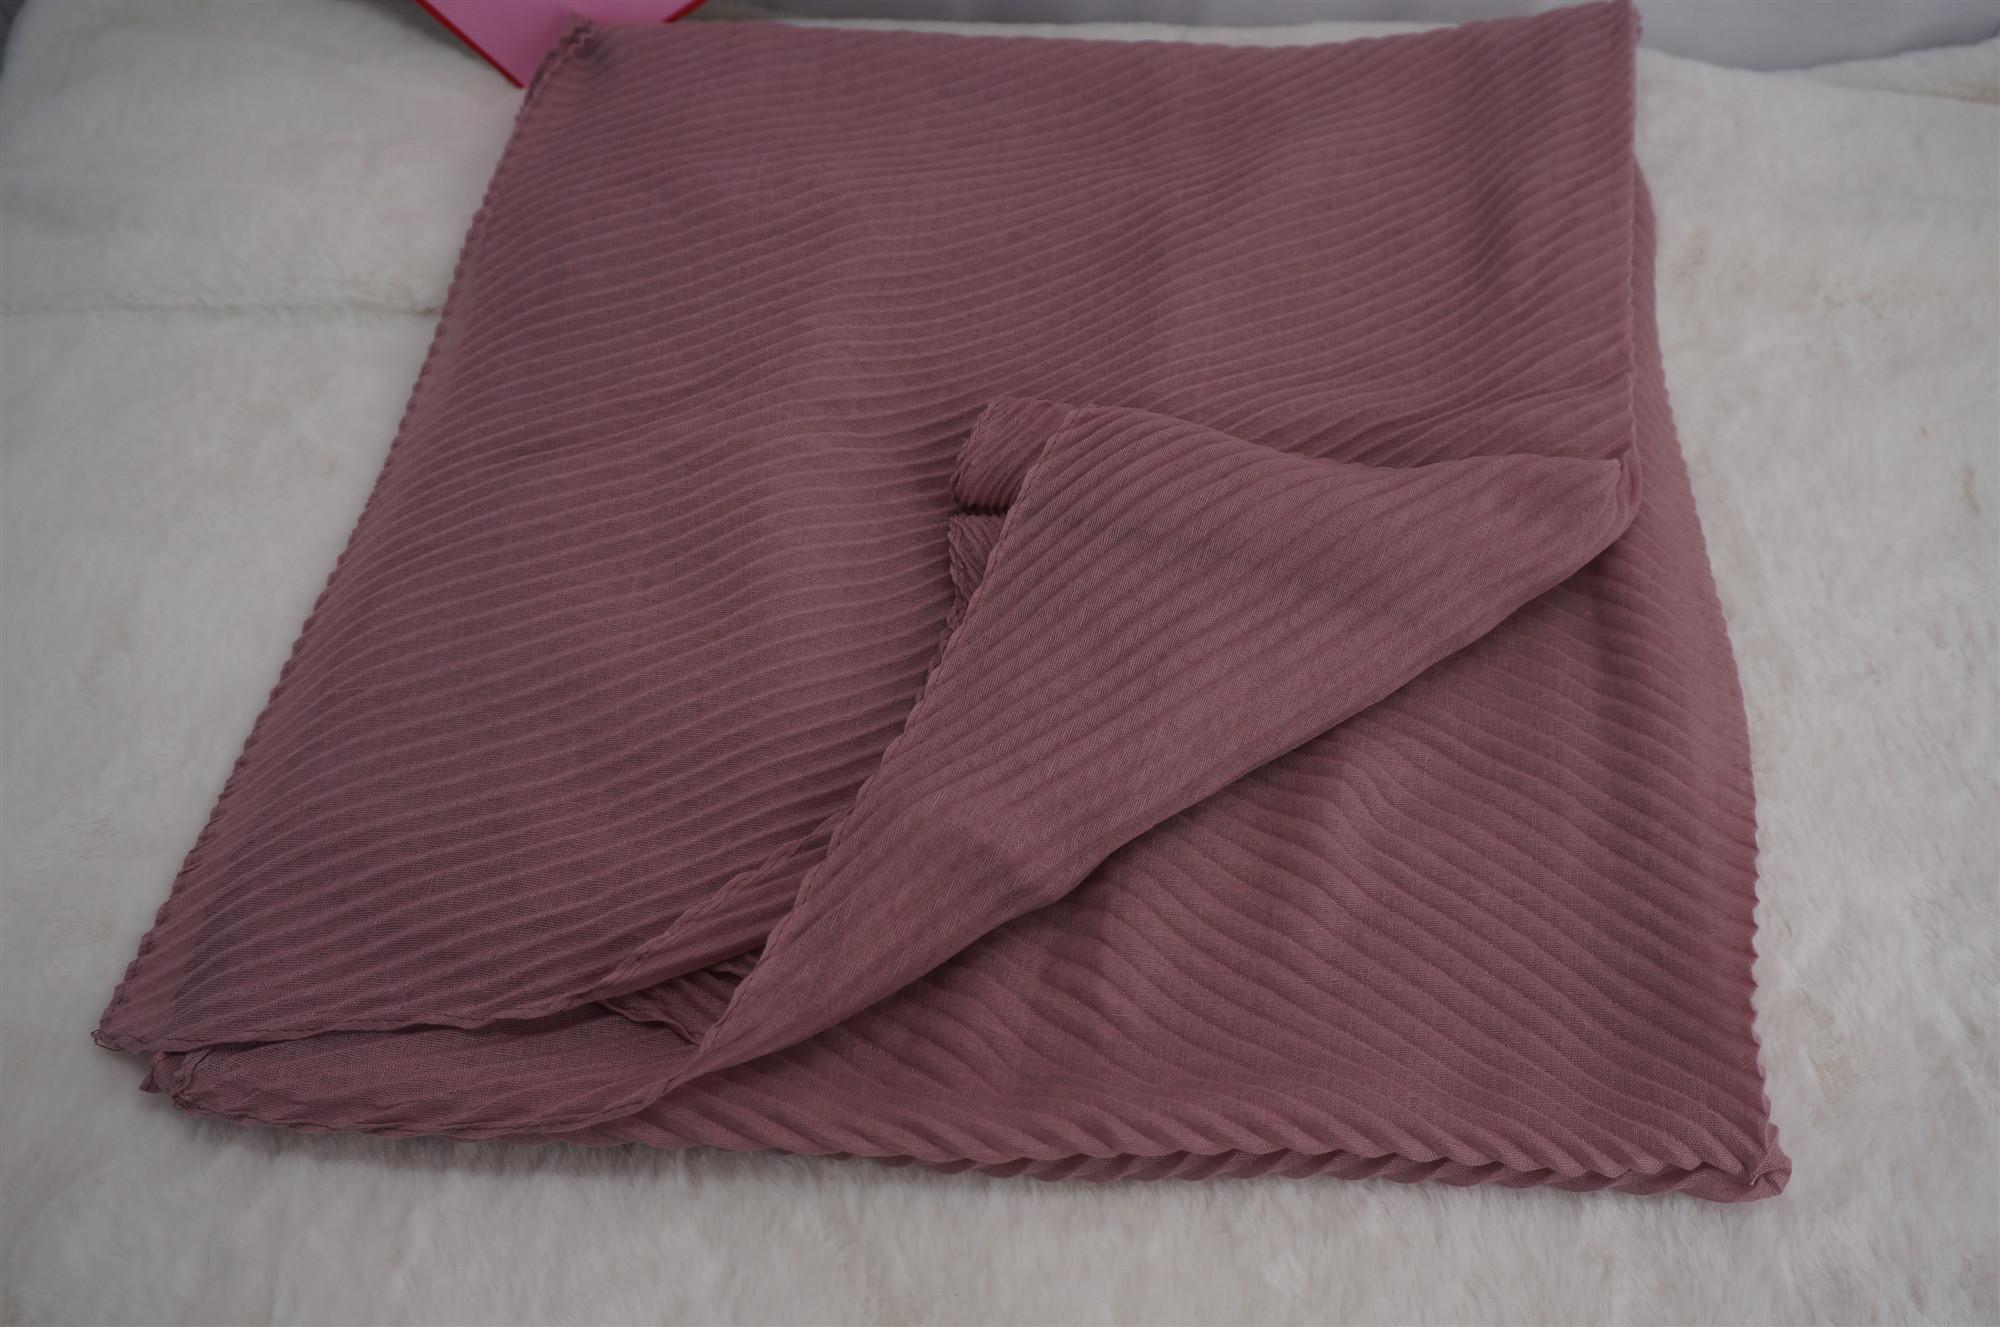 แฟชั่นขายส่งใหม่ยาวนุ่มห่อจีบ Crinkle Maxi ผ้าพันคอ Hijab ธรรมดา Ripple Stripe Premium พรีเมี่ยมเหนียว Crimp Hijabs